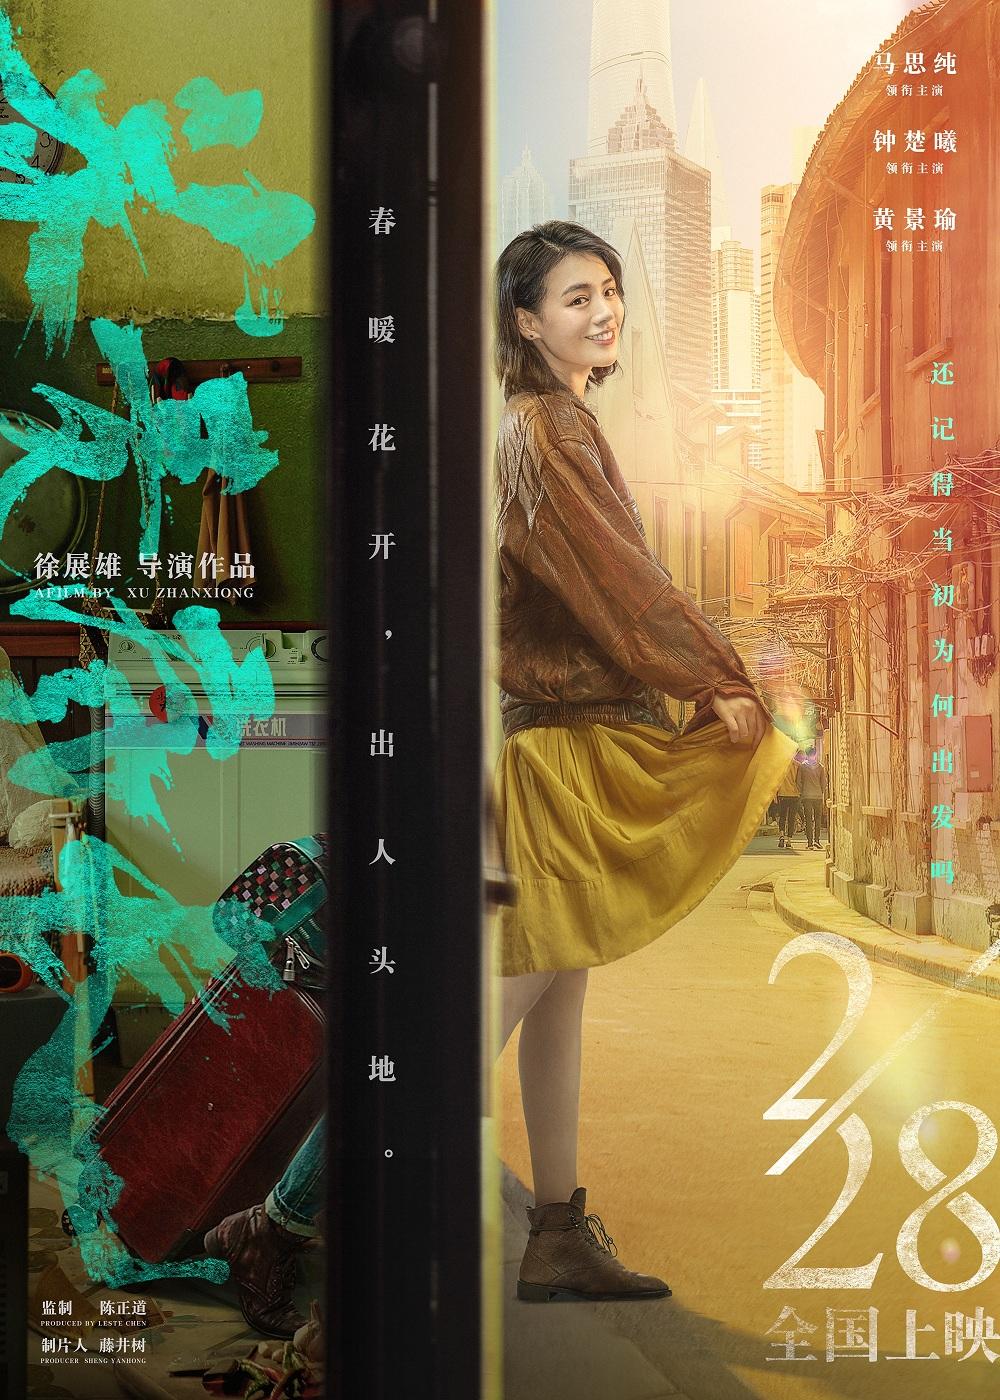 王学圻领衔主演电影《天·火》上映  亲上阵挑战动作冒险大片